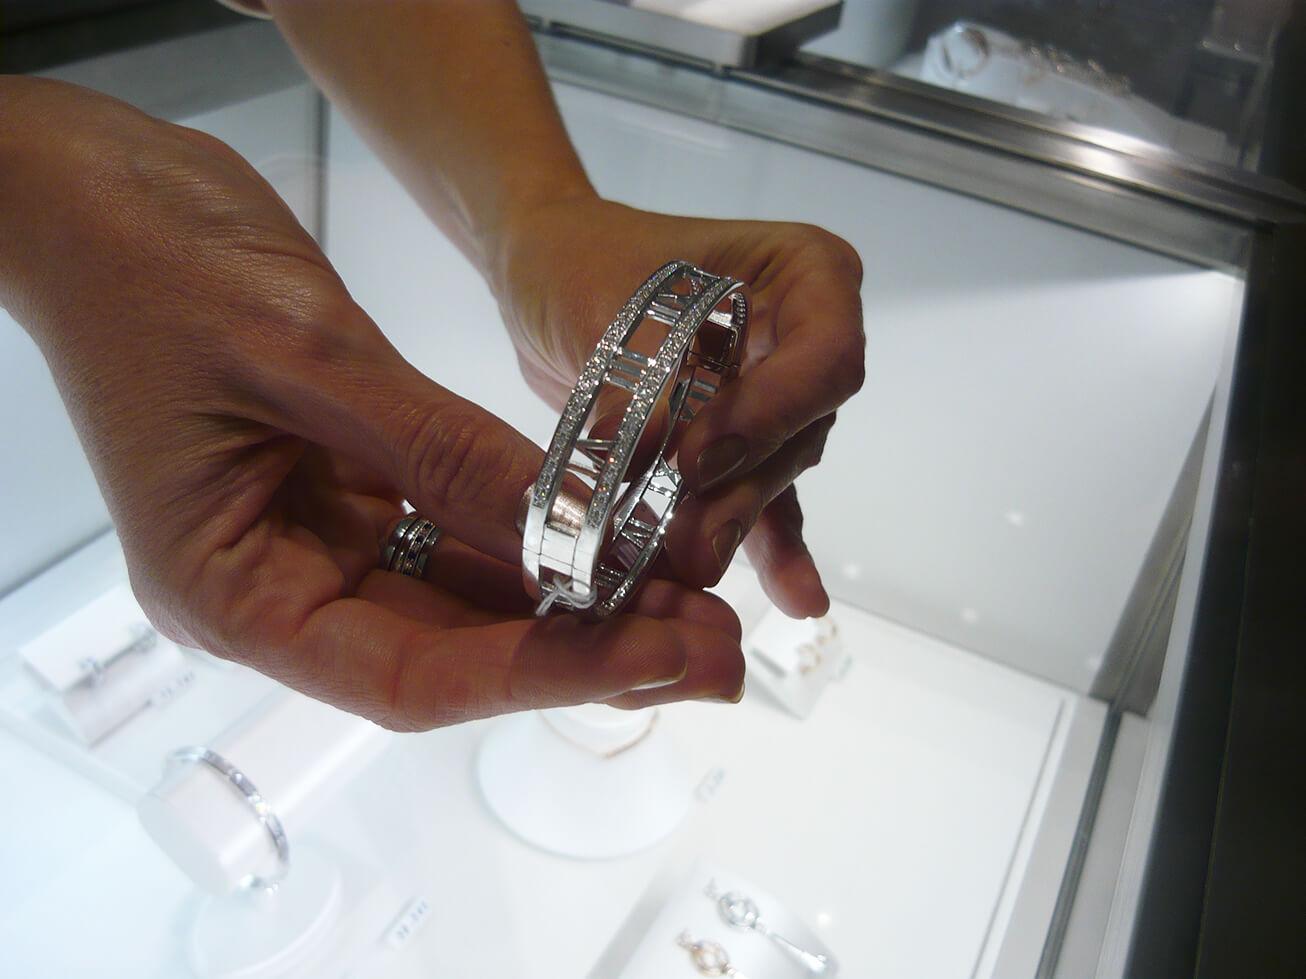 Brecelete Tiffany & Co. que inaugura loja no Pátio Batel em Curitiba